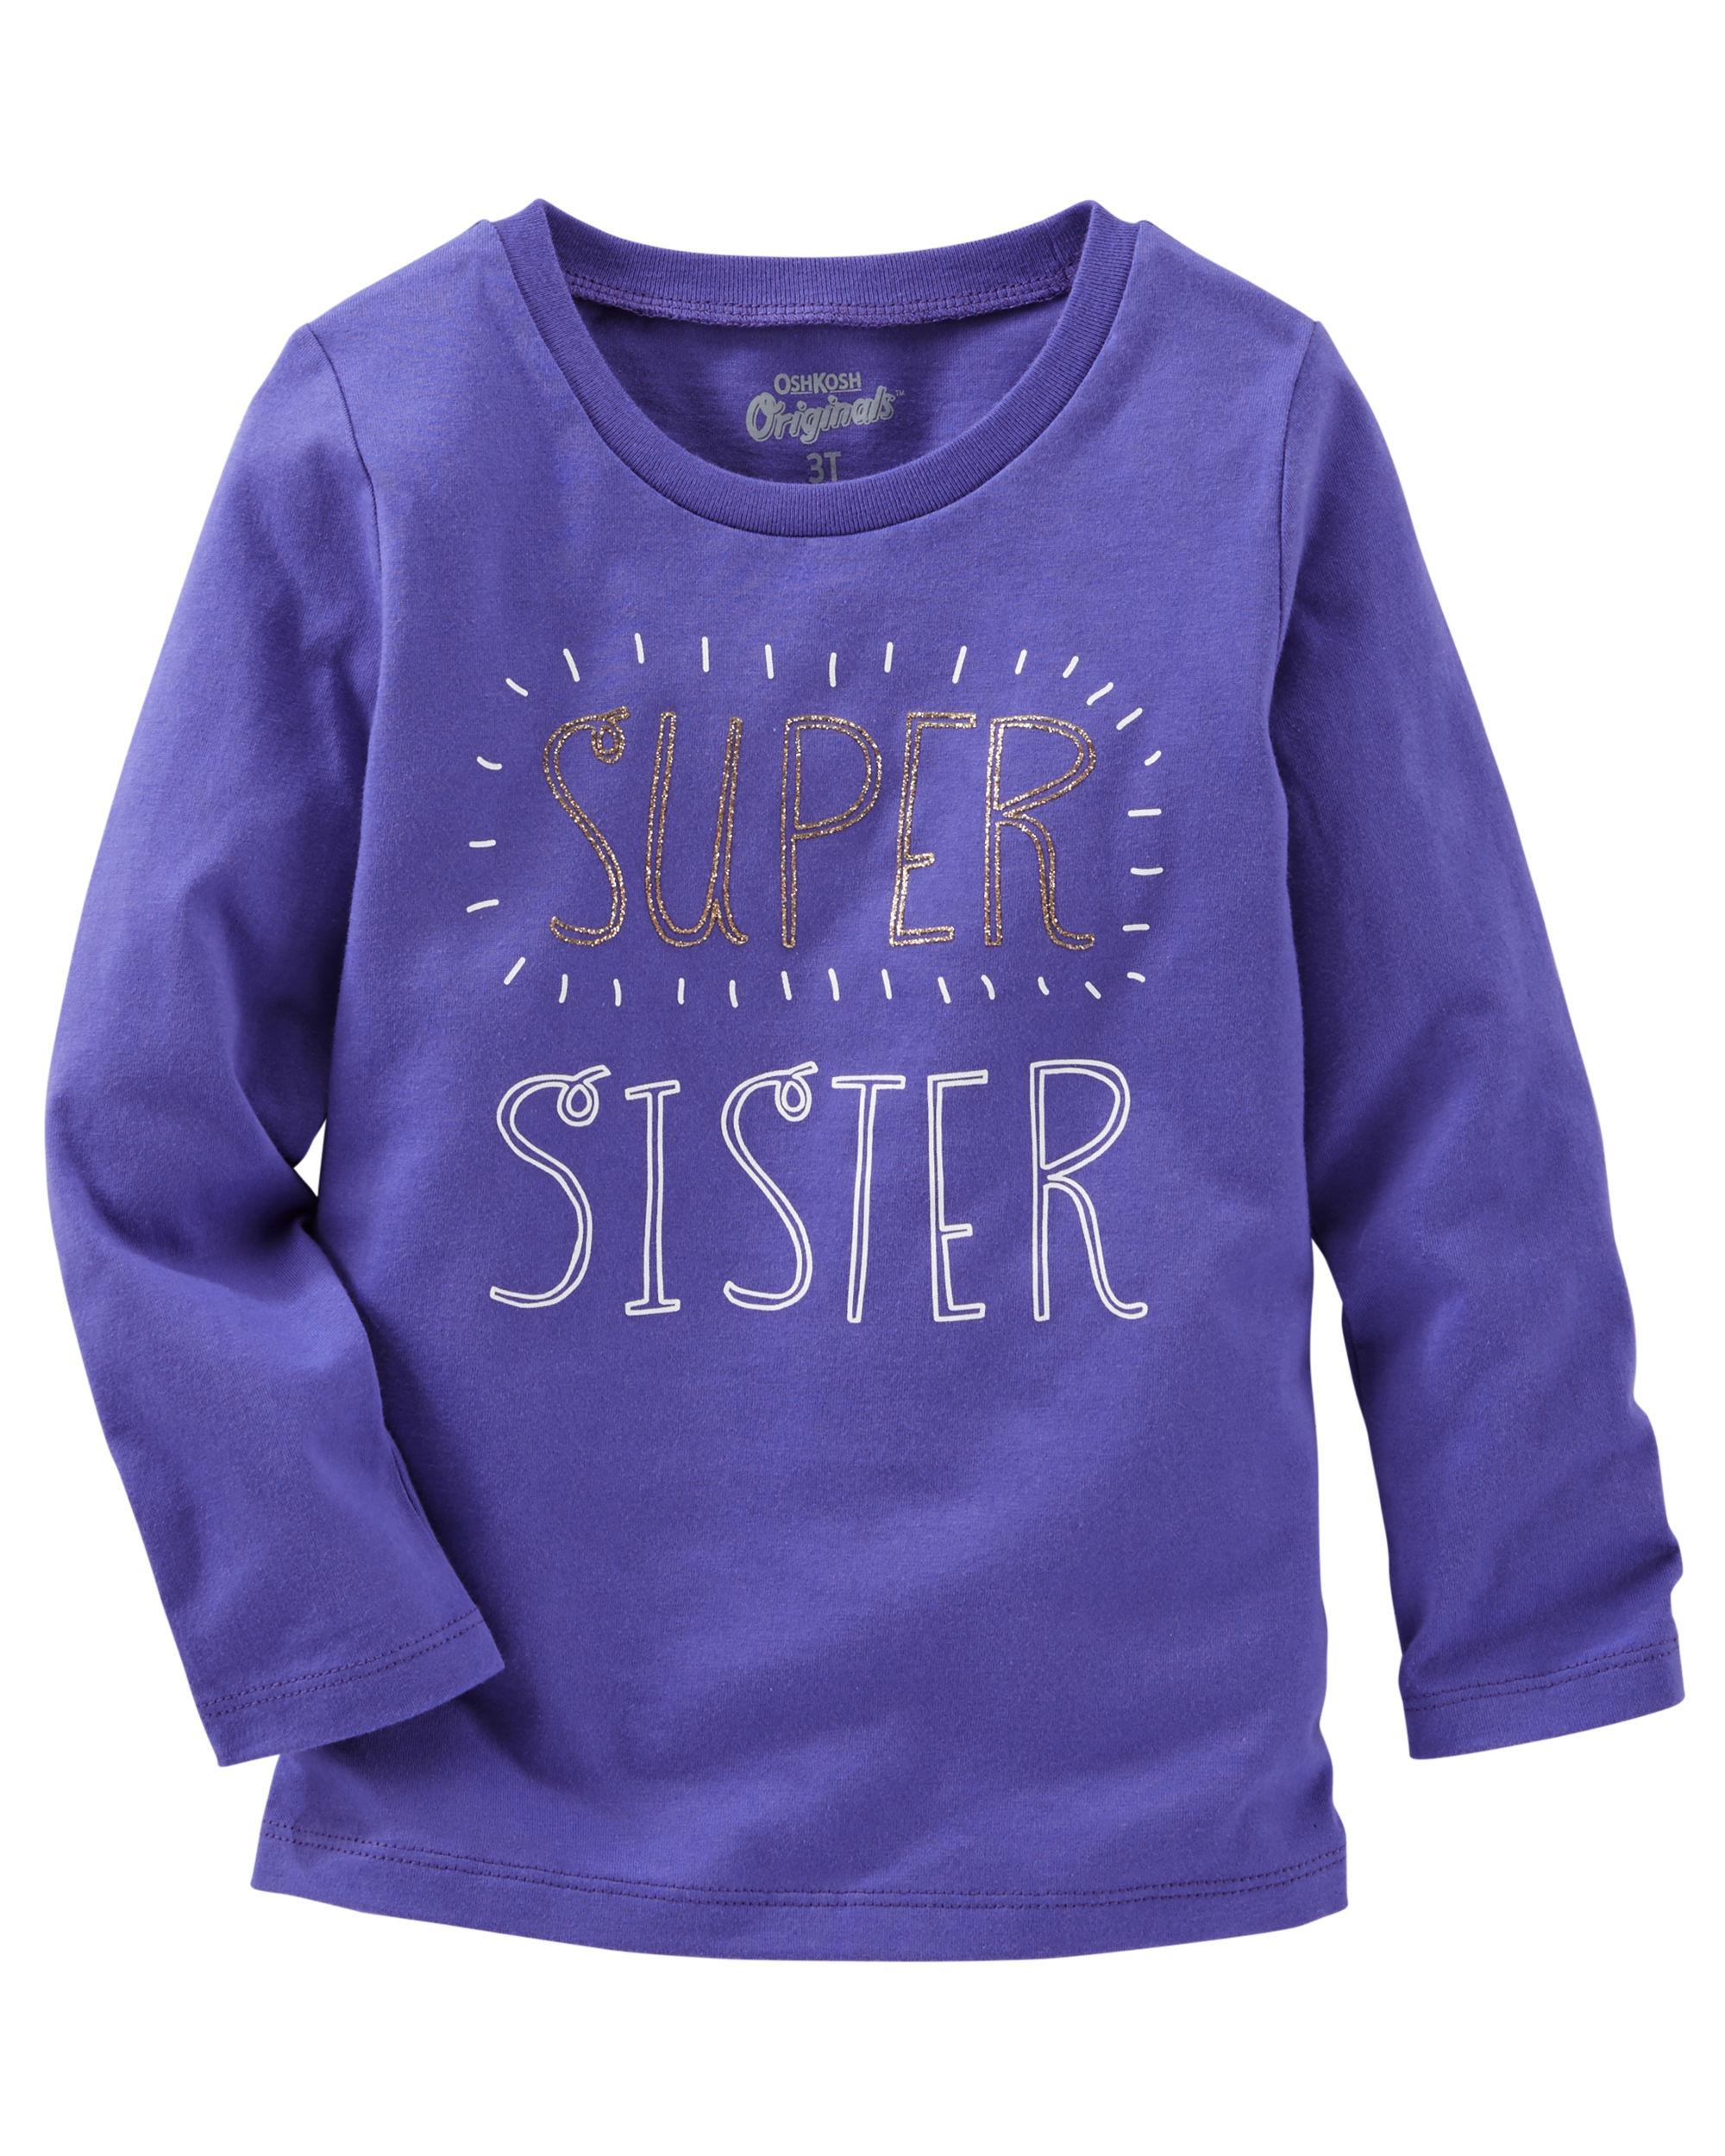 d28dcedc56c6 Oshkosh Dievčenské tričko Super sister - fialové